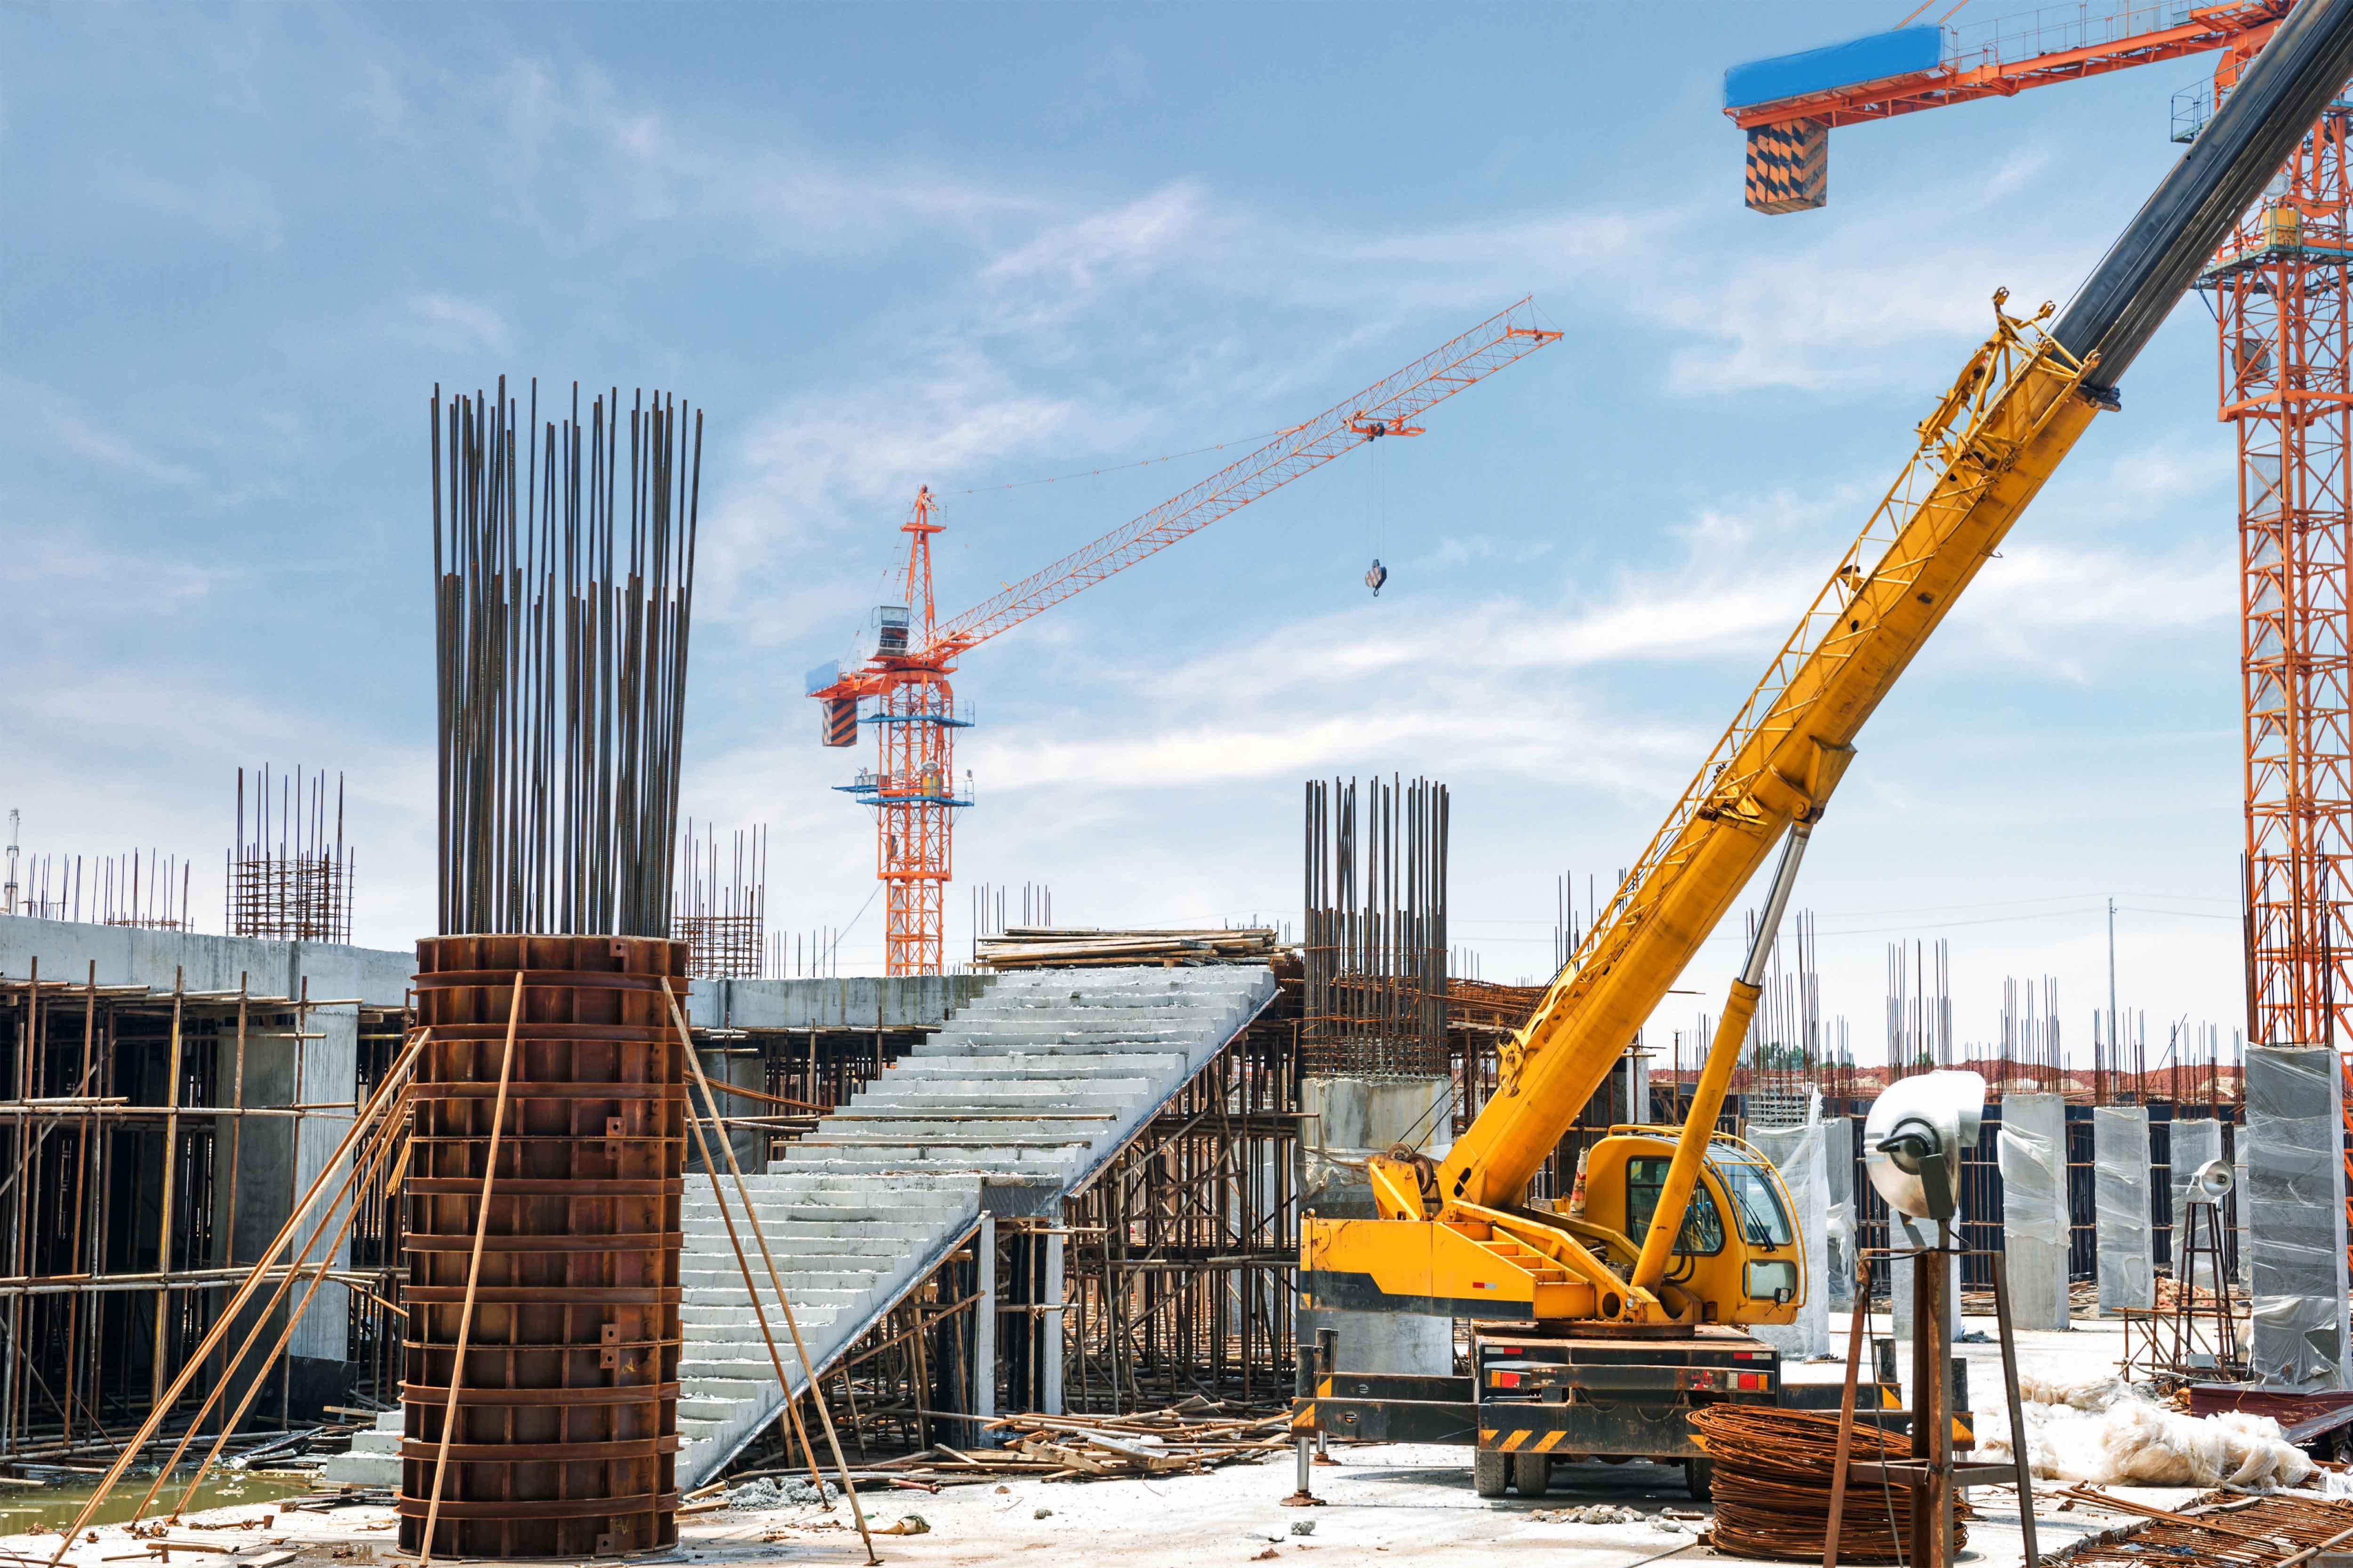 Imprese Di Costruzioni Roma imac impresa corstuzioni edilizia civile e industriale a roma